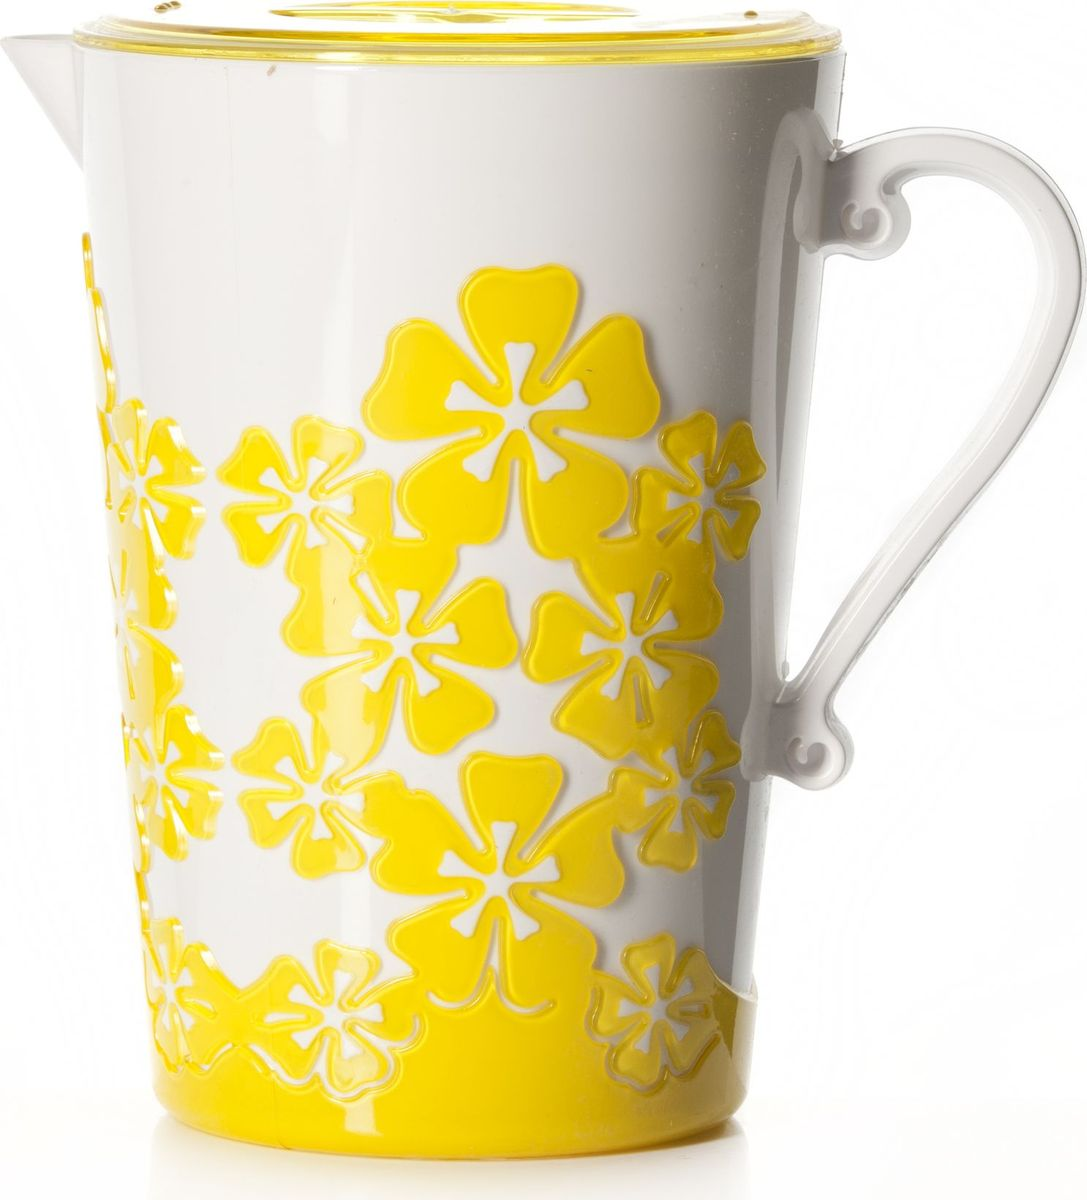 Кувшин Альтернатива Камелия, с крышкой, цвет: желтый, 2,2 л лейка альтернатива цвет желтый 7 л